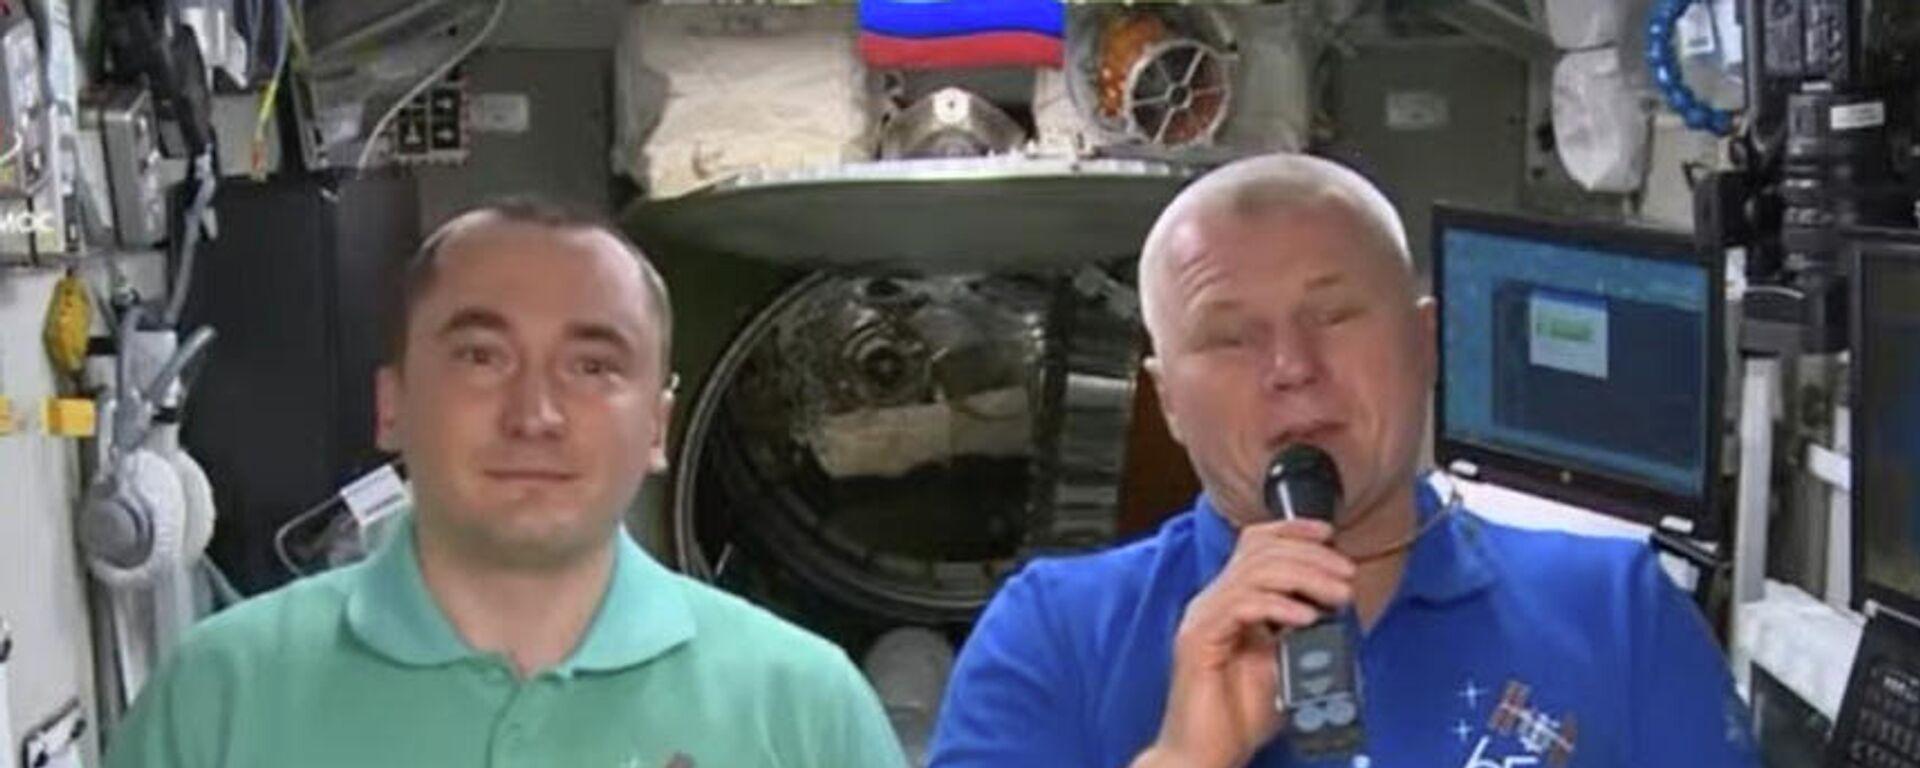 Piotr Dubrov y Oleg Novitski, cosmonautas rusos - Sputnik Mundo, 1920, 23.09.2021